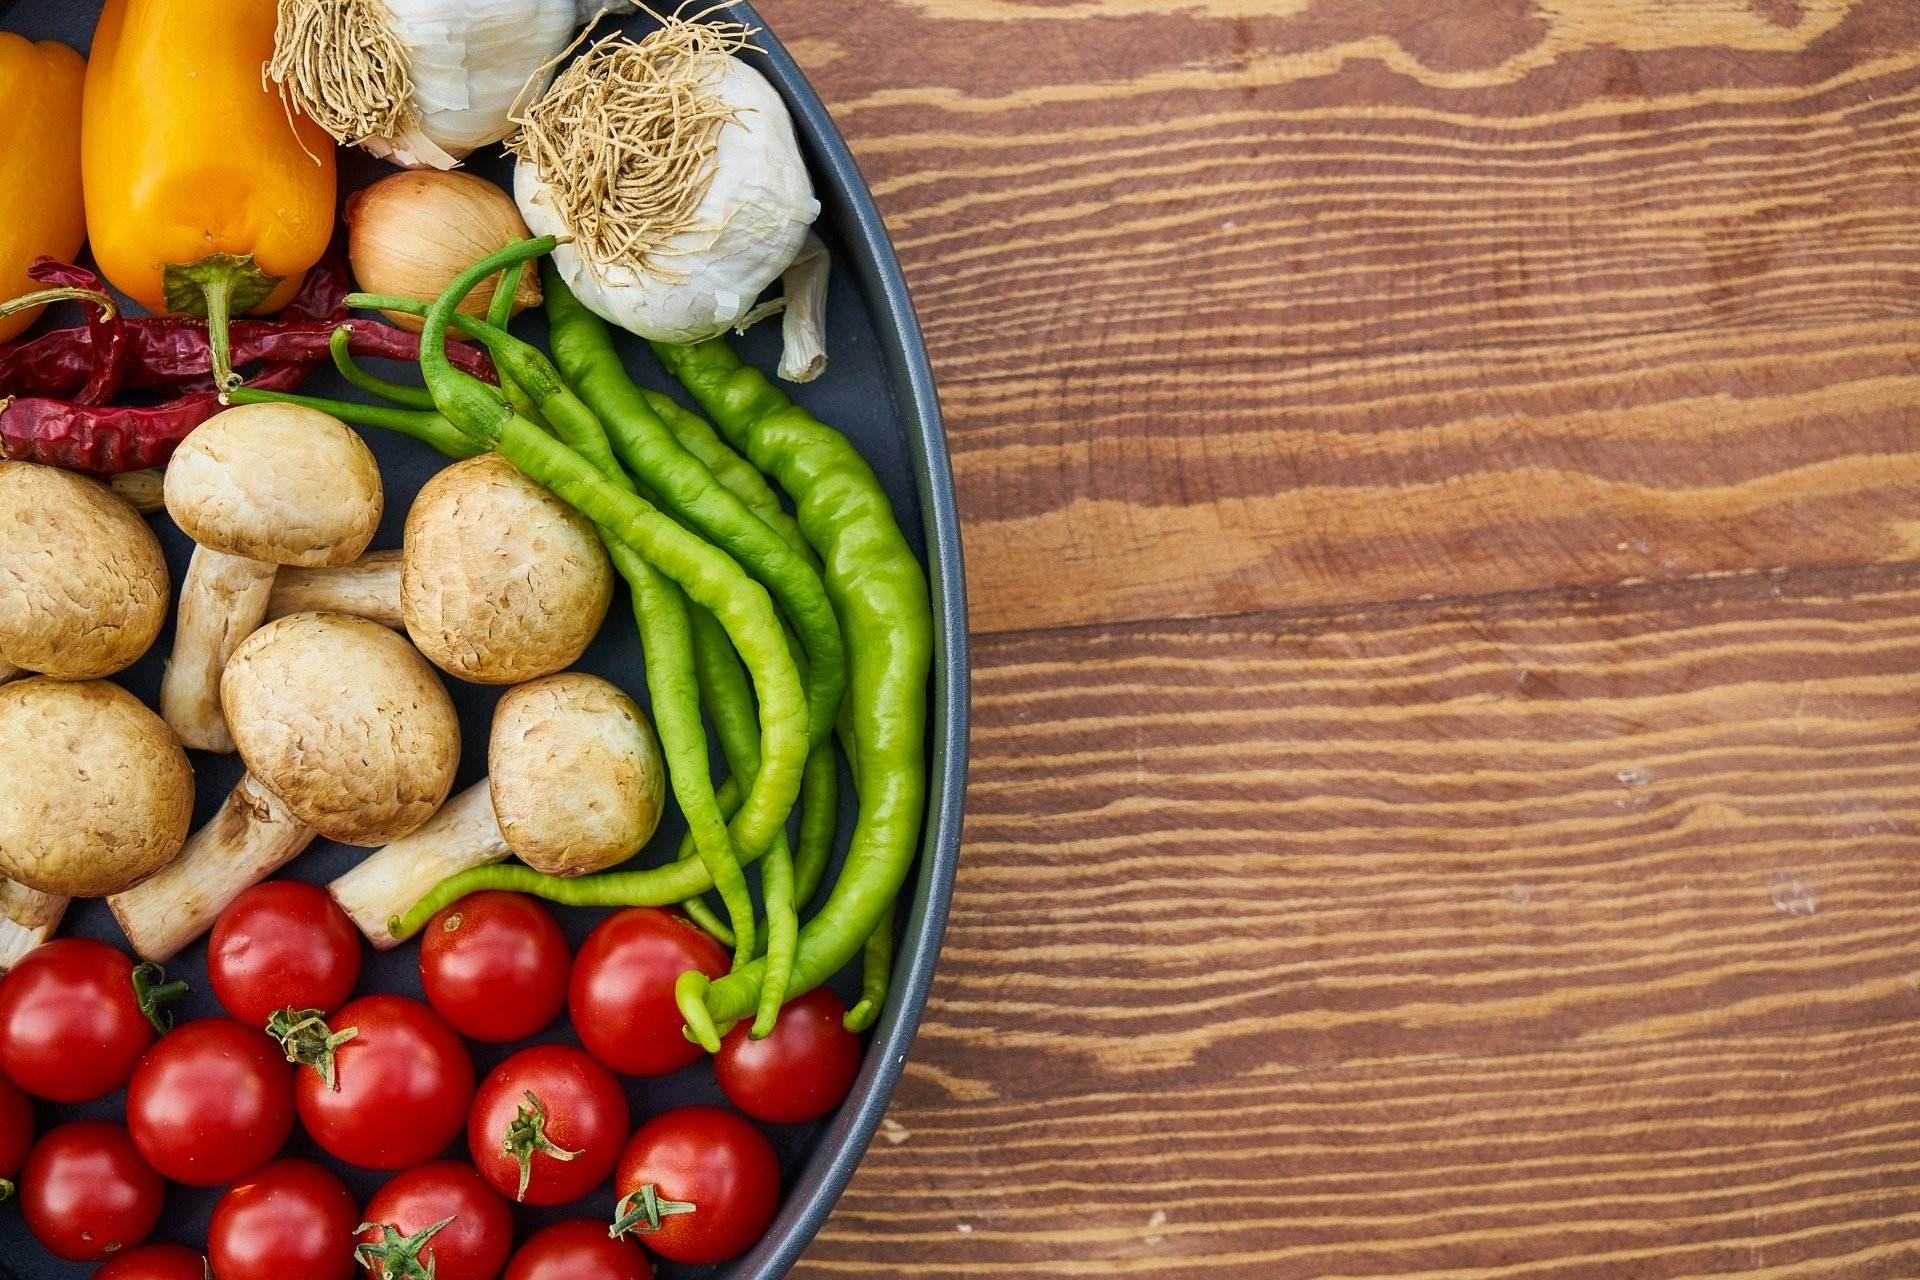 co jeść na diecie wegetariańskiej żeby nie mieć niedoborów